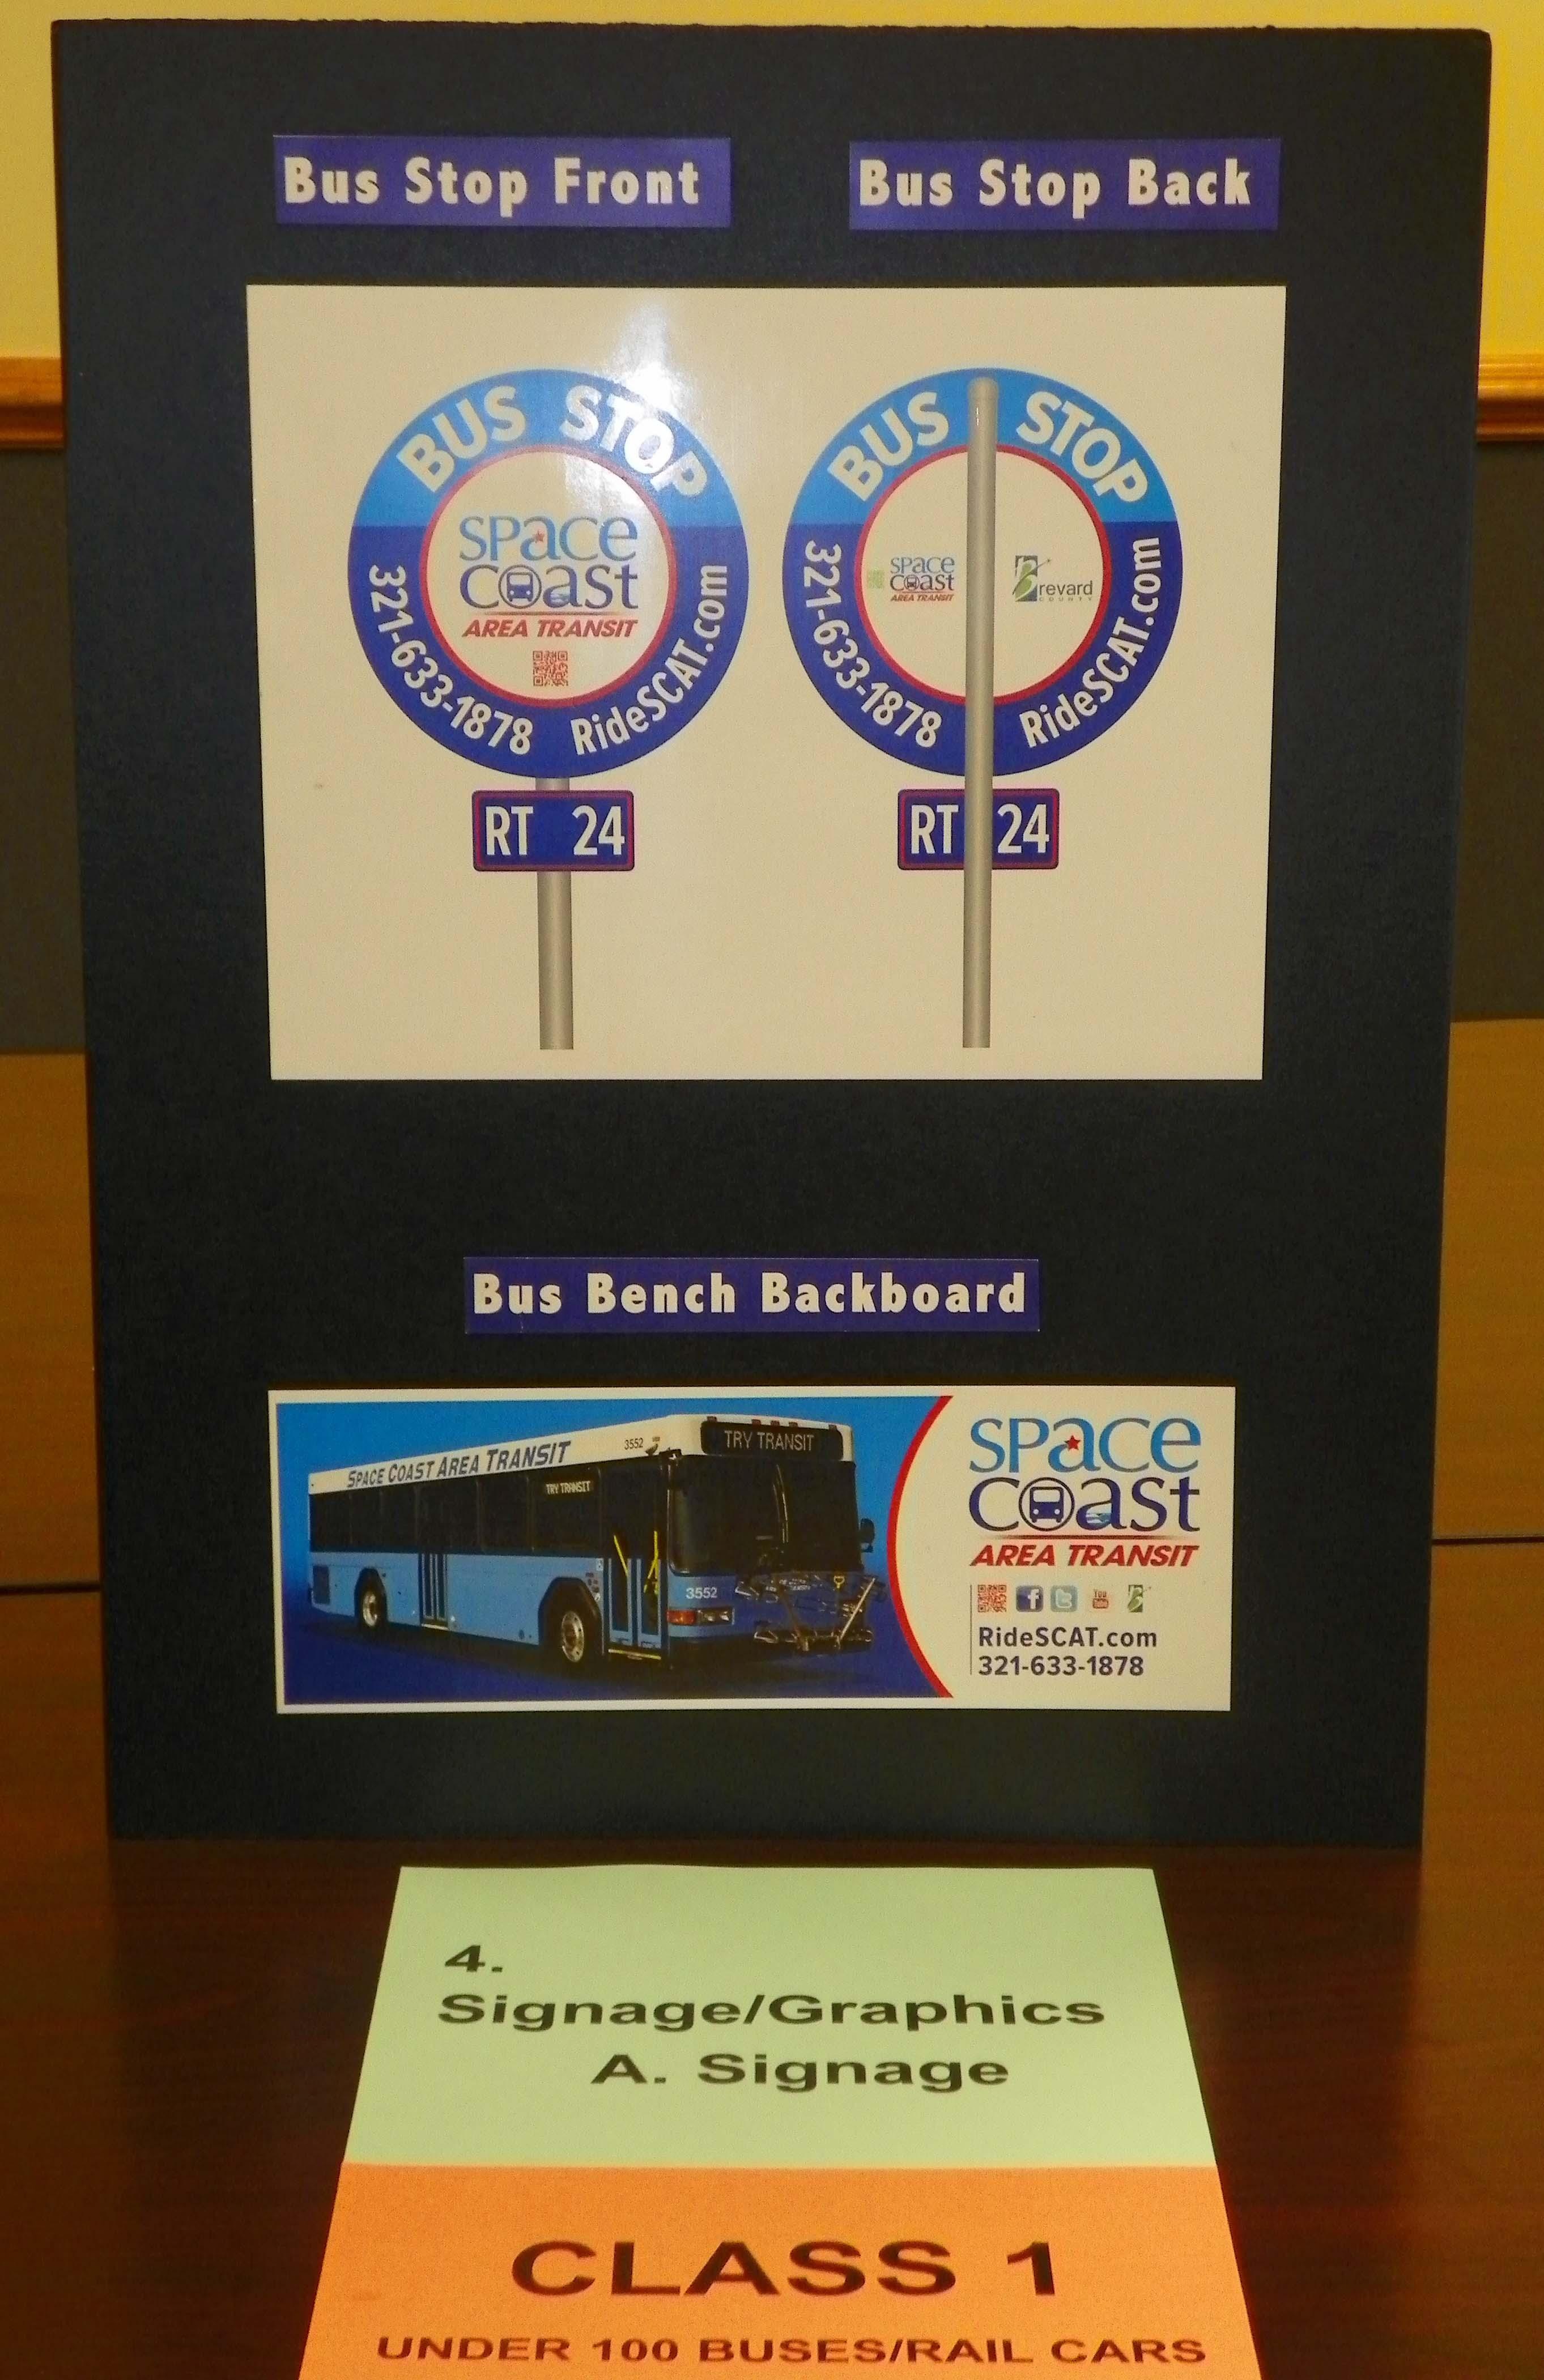 2013 - Space Coast Area Transit